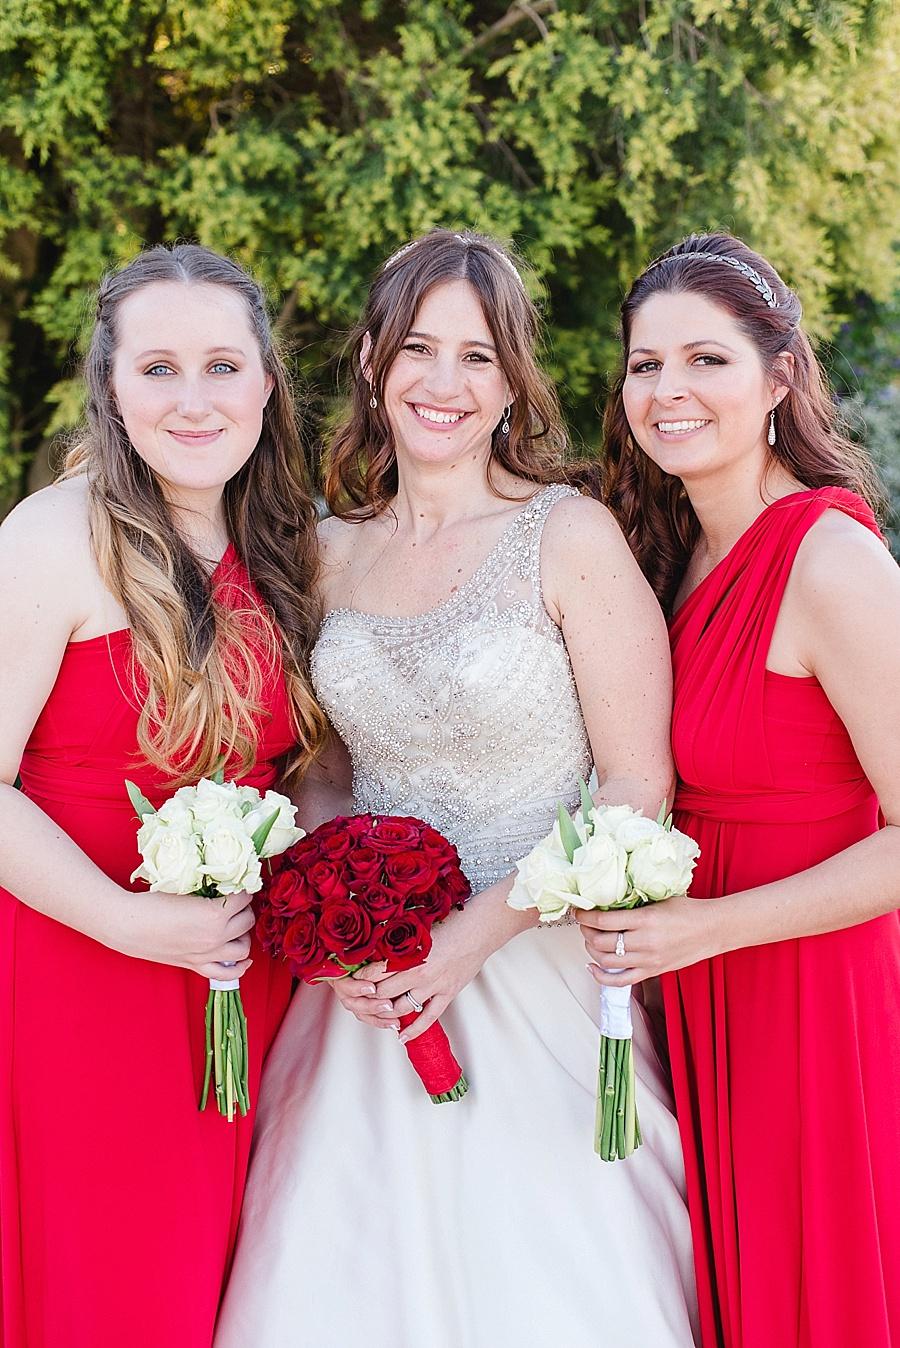 Darren Bester - Cape Town Wedding Photographer - Eensgezind Function Venue - Roger & Amanda_0031.jpg